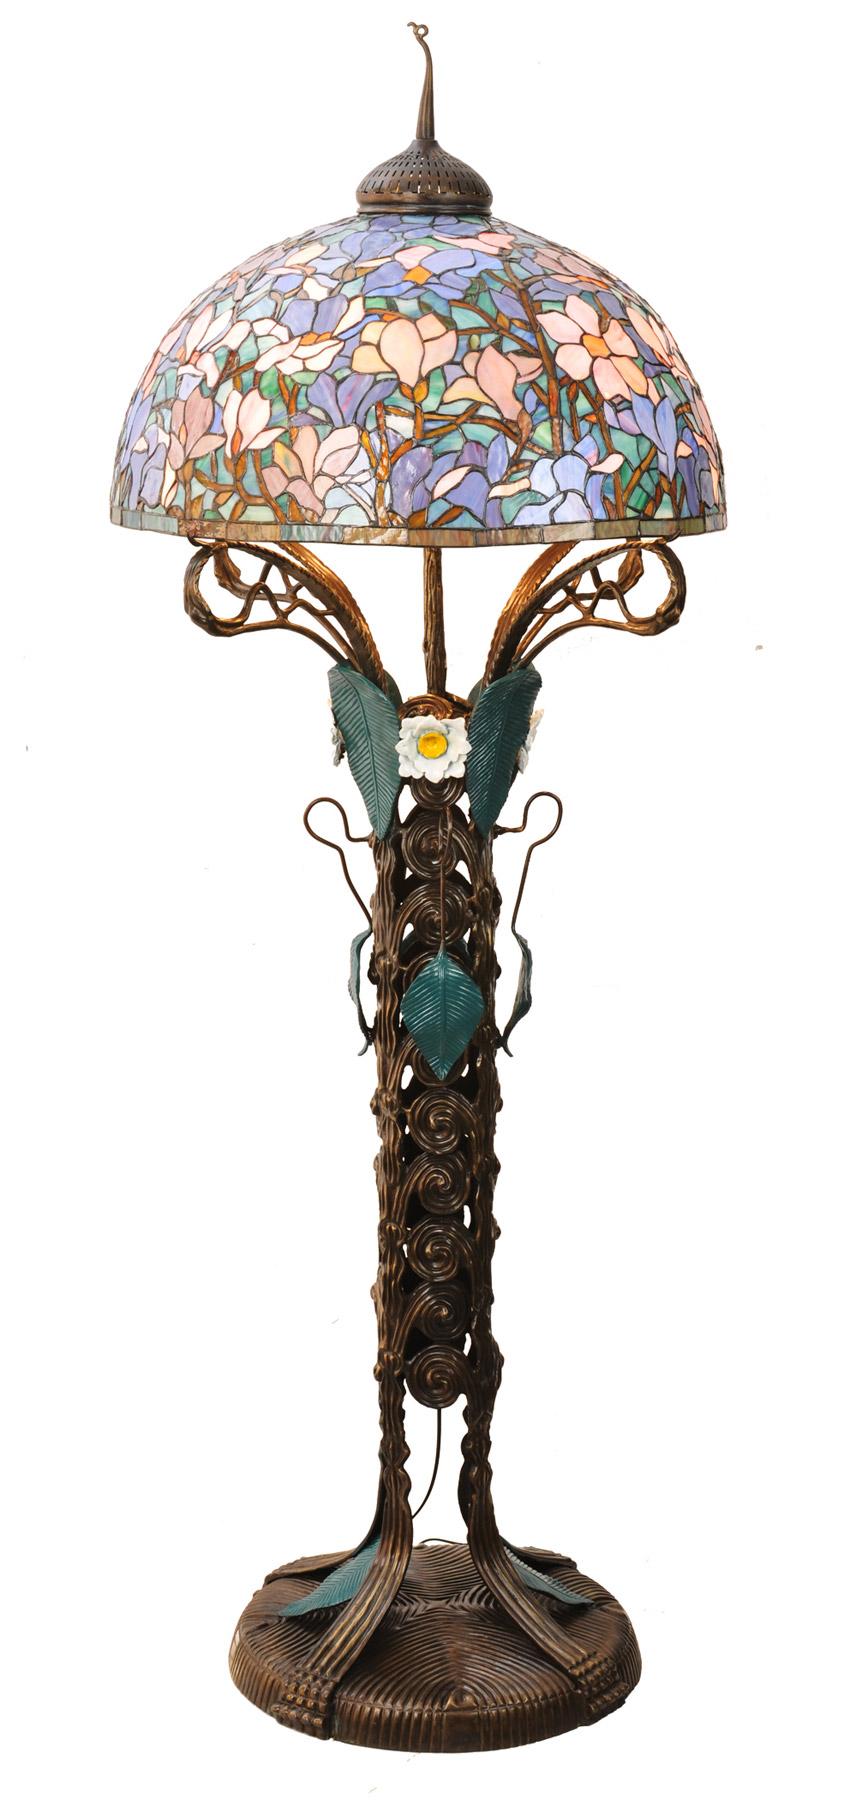 meyda 49874 tiffany magnolia nouveau floral floor lamp With tiffany magnolia floor lamp